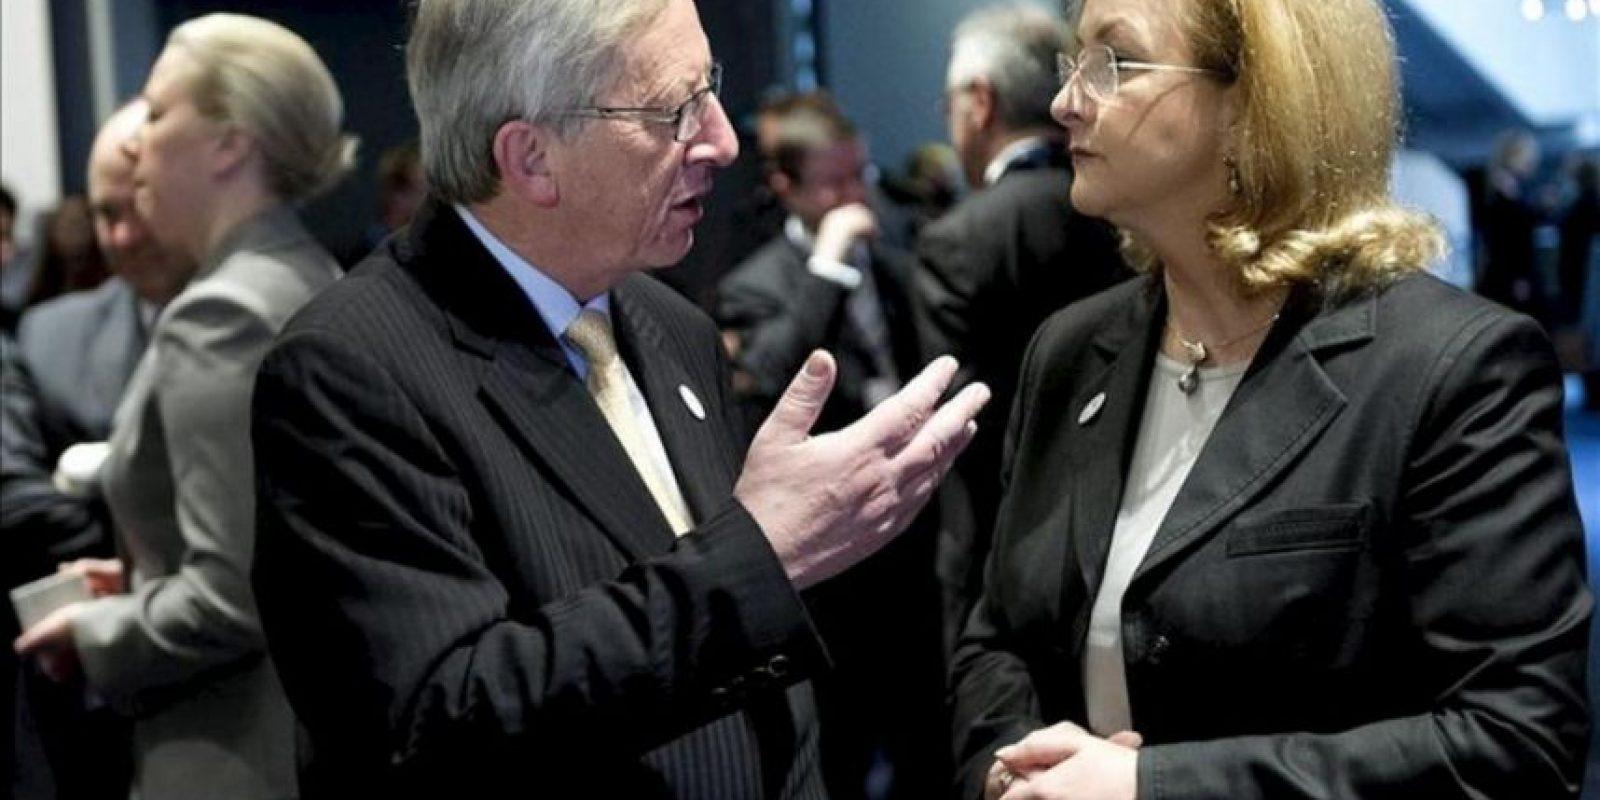 El primer ministro luxemburgués, Jean-Claude Juncker (izq), conversa con la ministra de Finanzas austríaca, Maria Fekter, al inicio de la reunión informal de dos días de duración mantenida por los ministros de Economía y Finanzas de la UE hoy en Copenhague. EFE